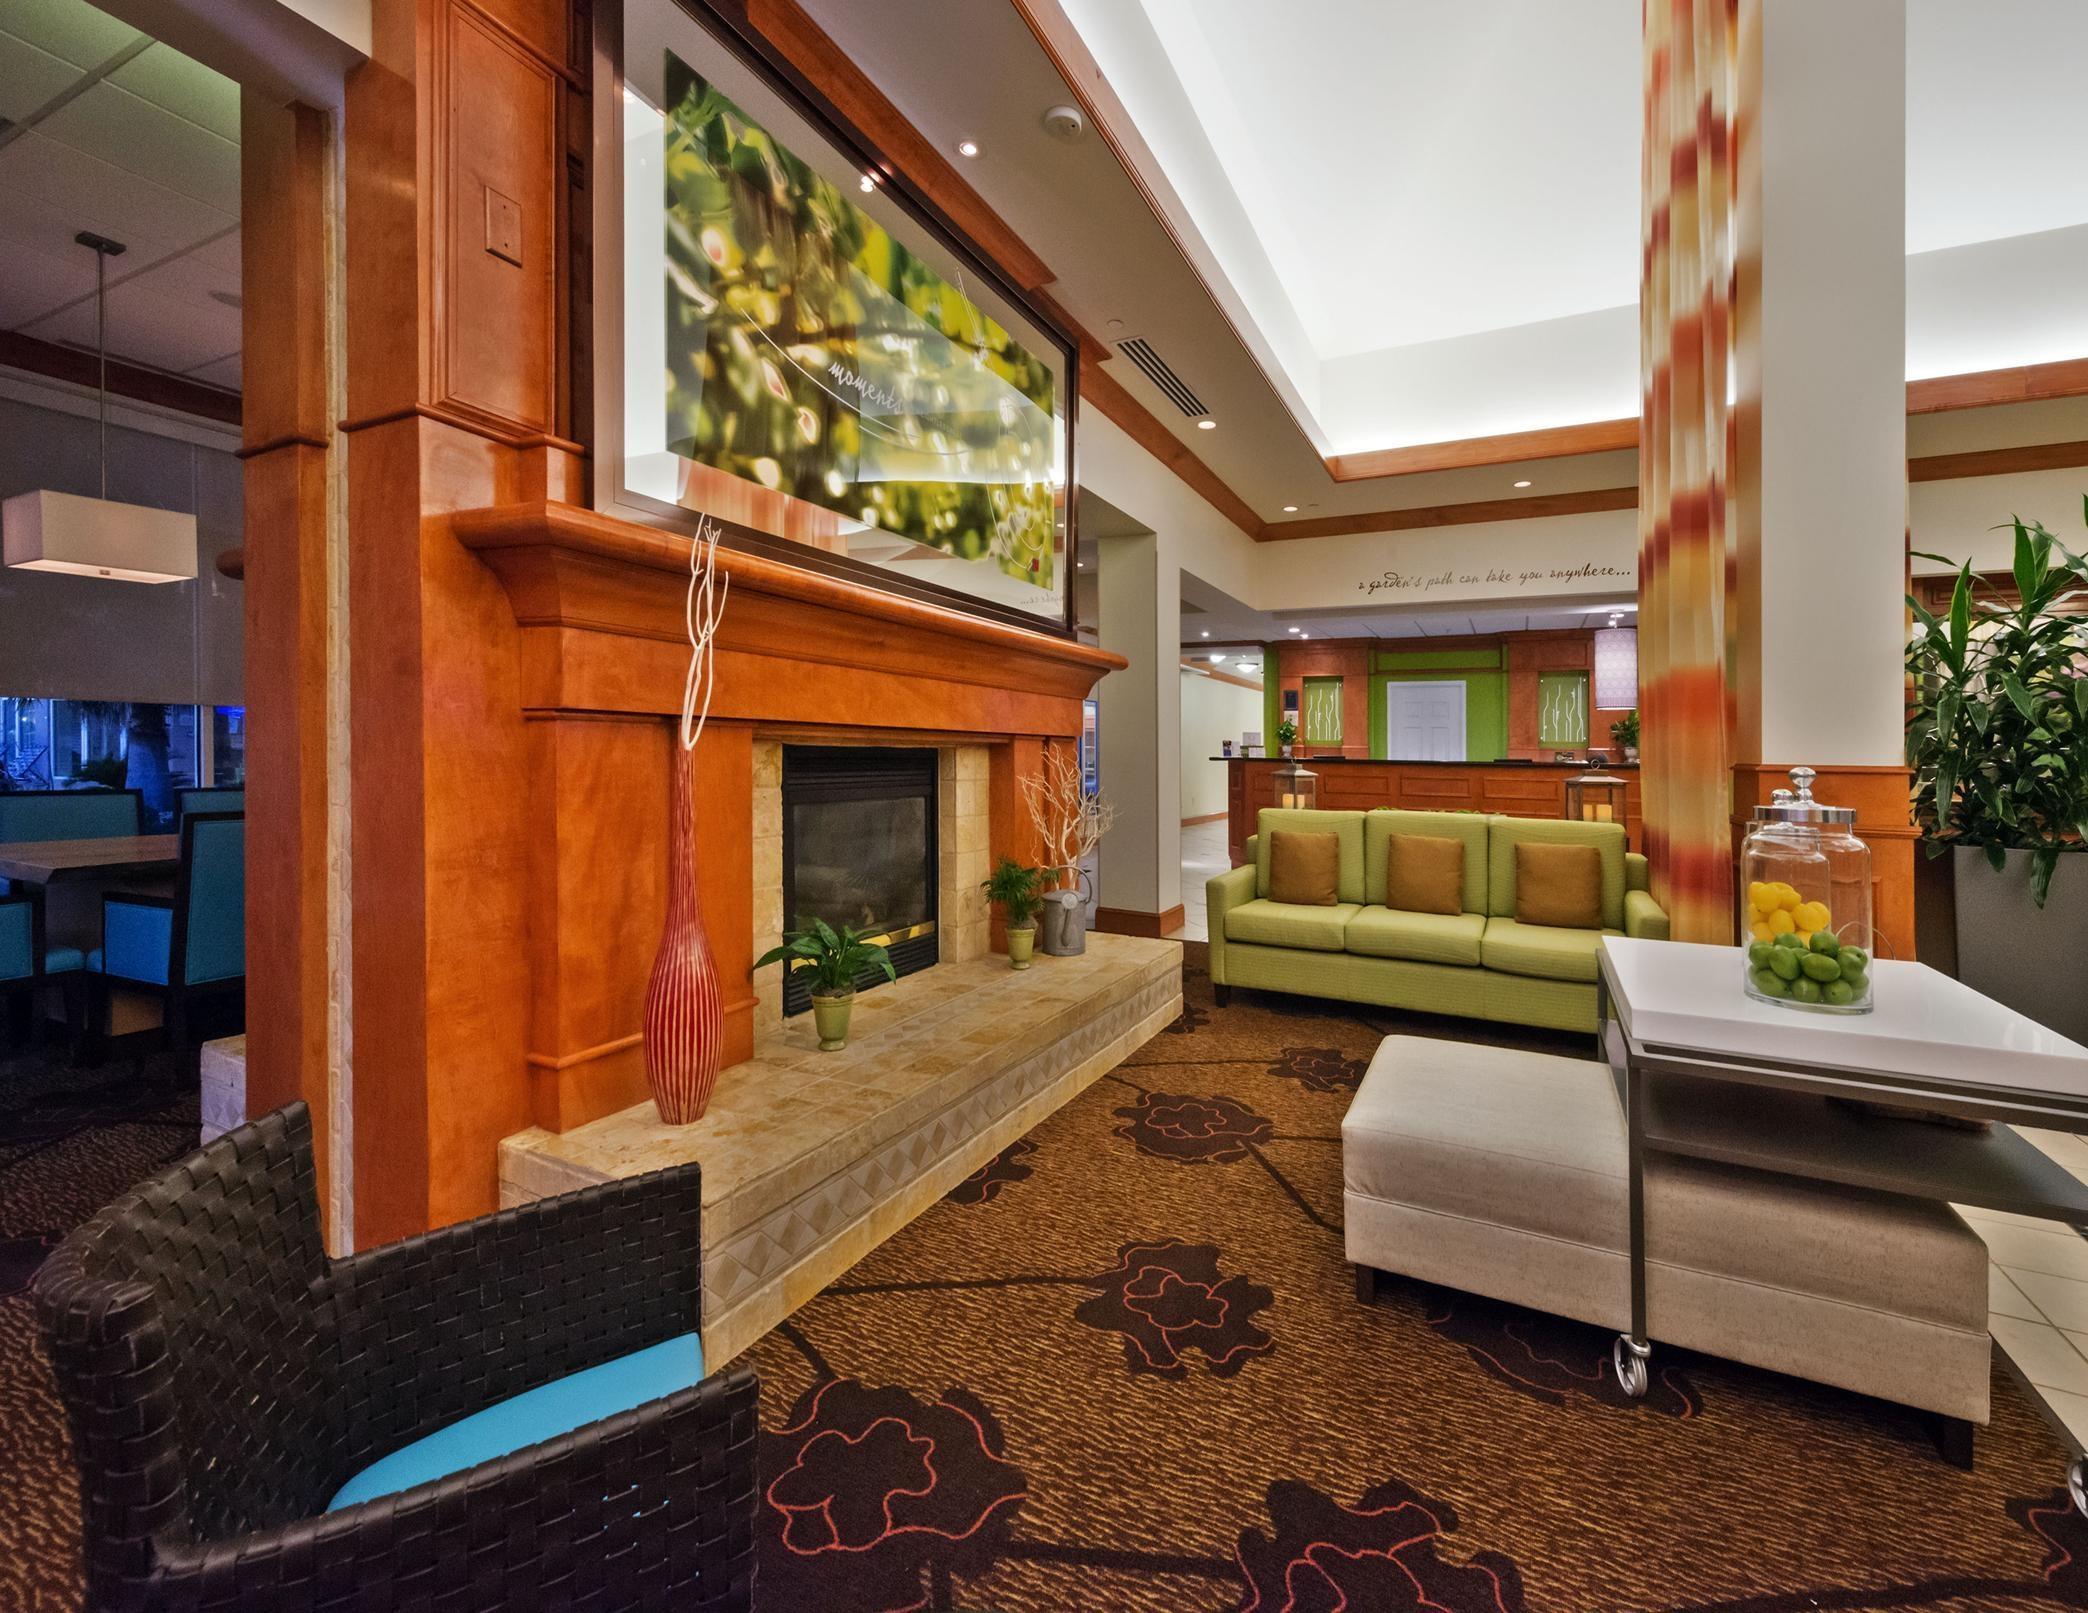 Hilton Garden Inn West Monroe 400 Mane Street West Monroe, LA Hotels ...